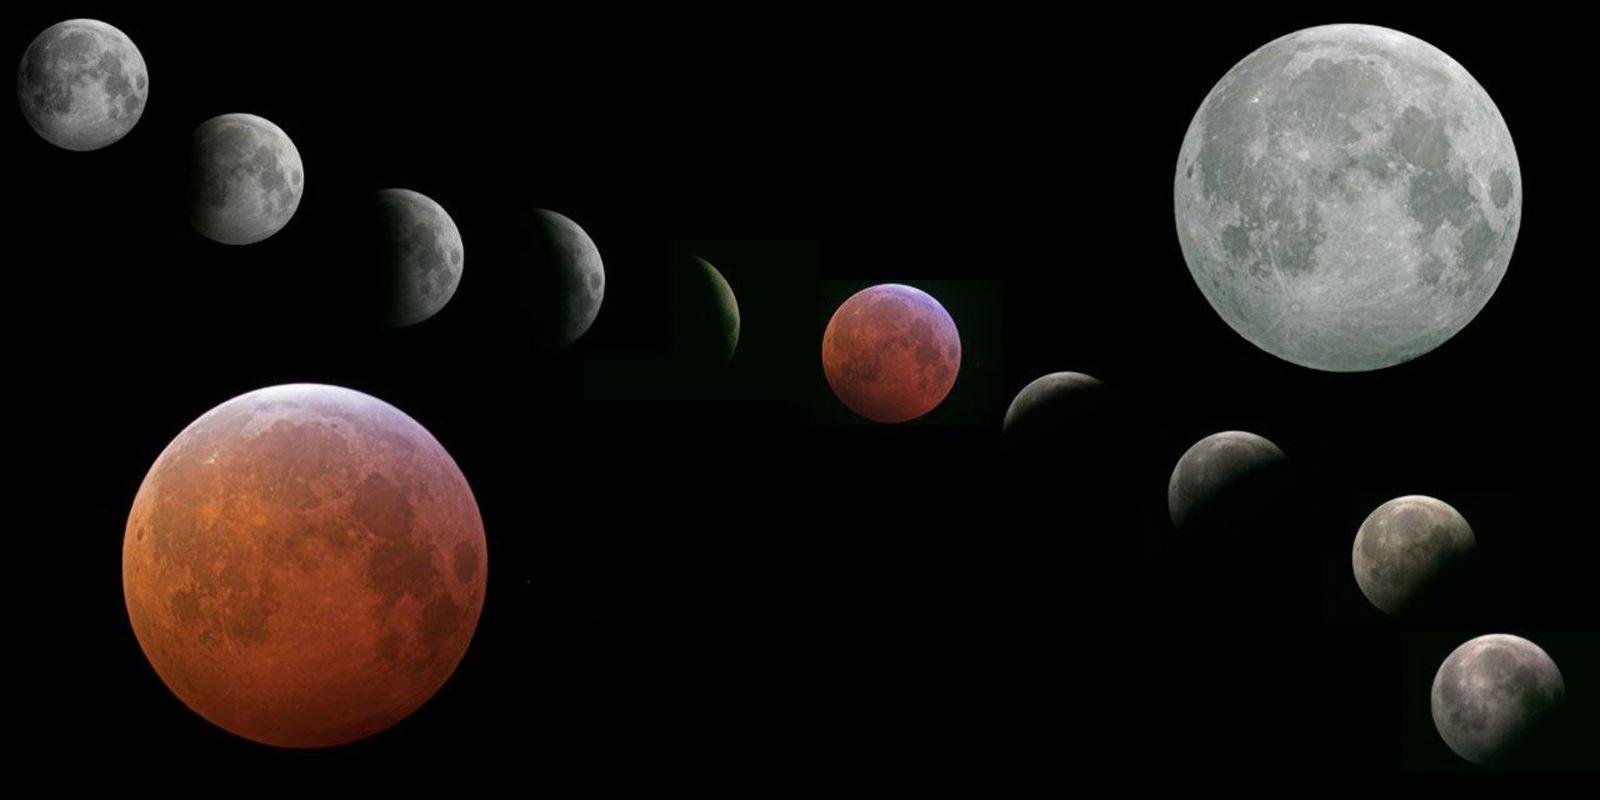 maansverduistering John van Nerum